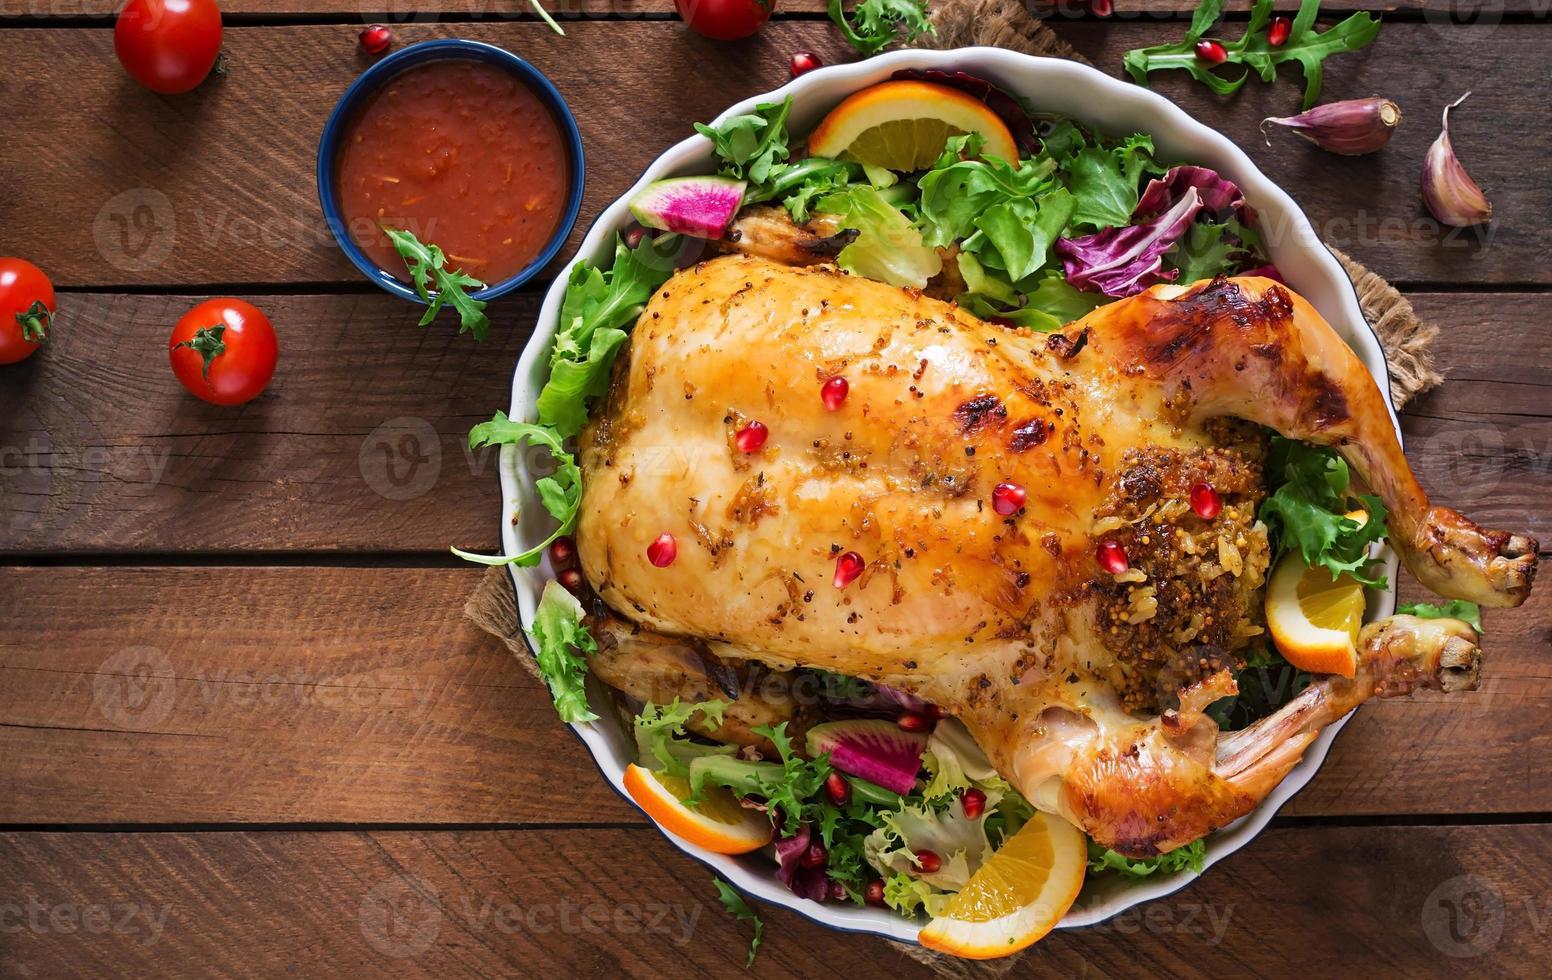 bakad kyckling fylld med ris till julmiddagen foto